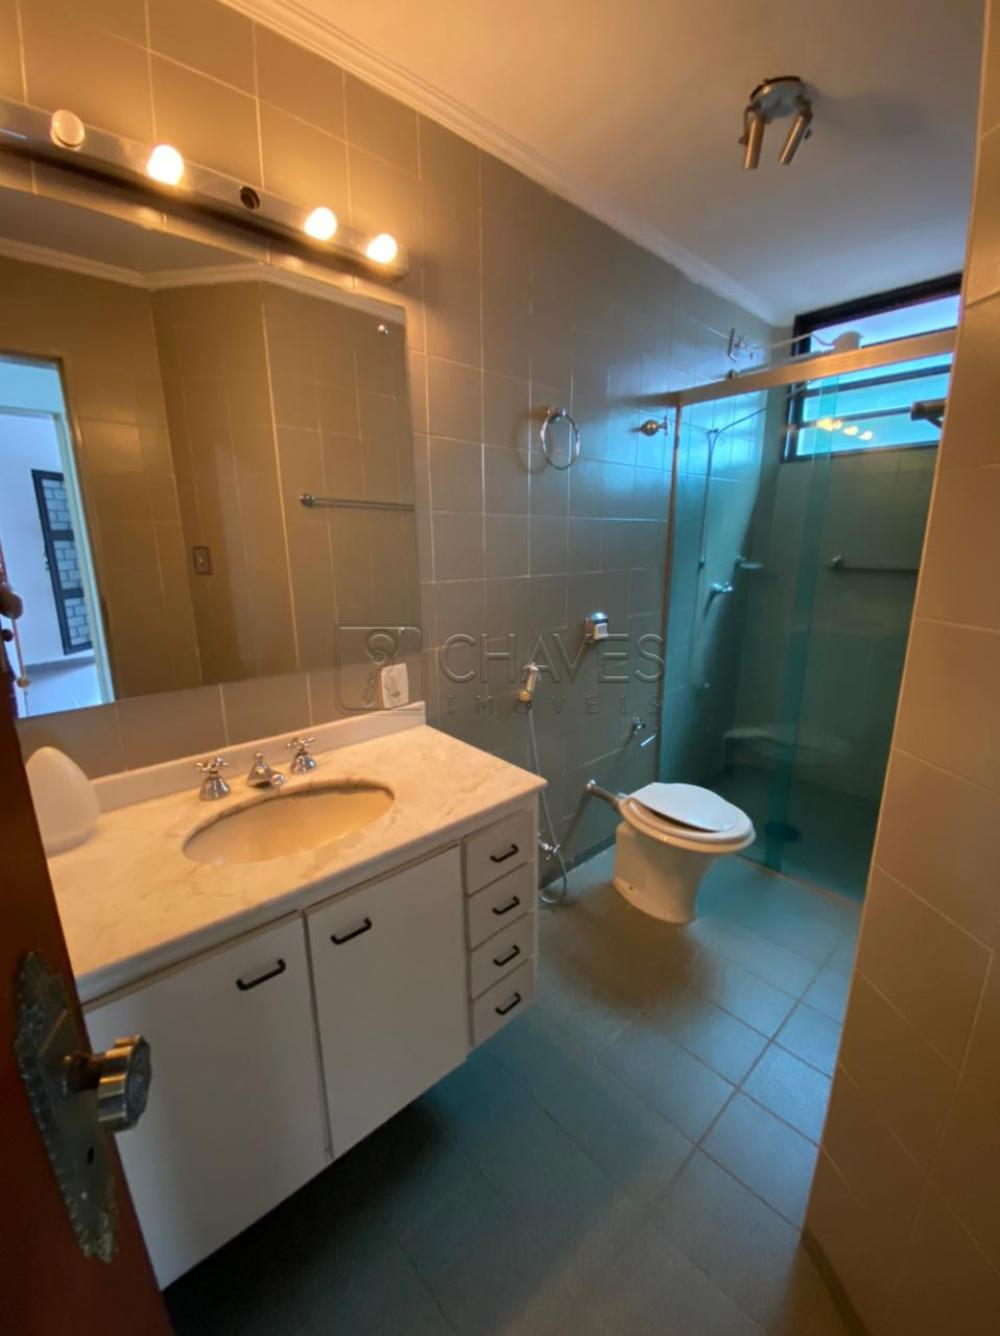 Comprar Apartamento / Padrão em Ribeirão Preto apenas R$ 330.000,00 - Foto 16